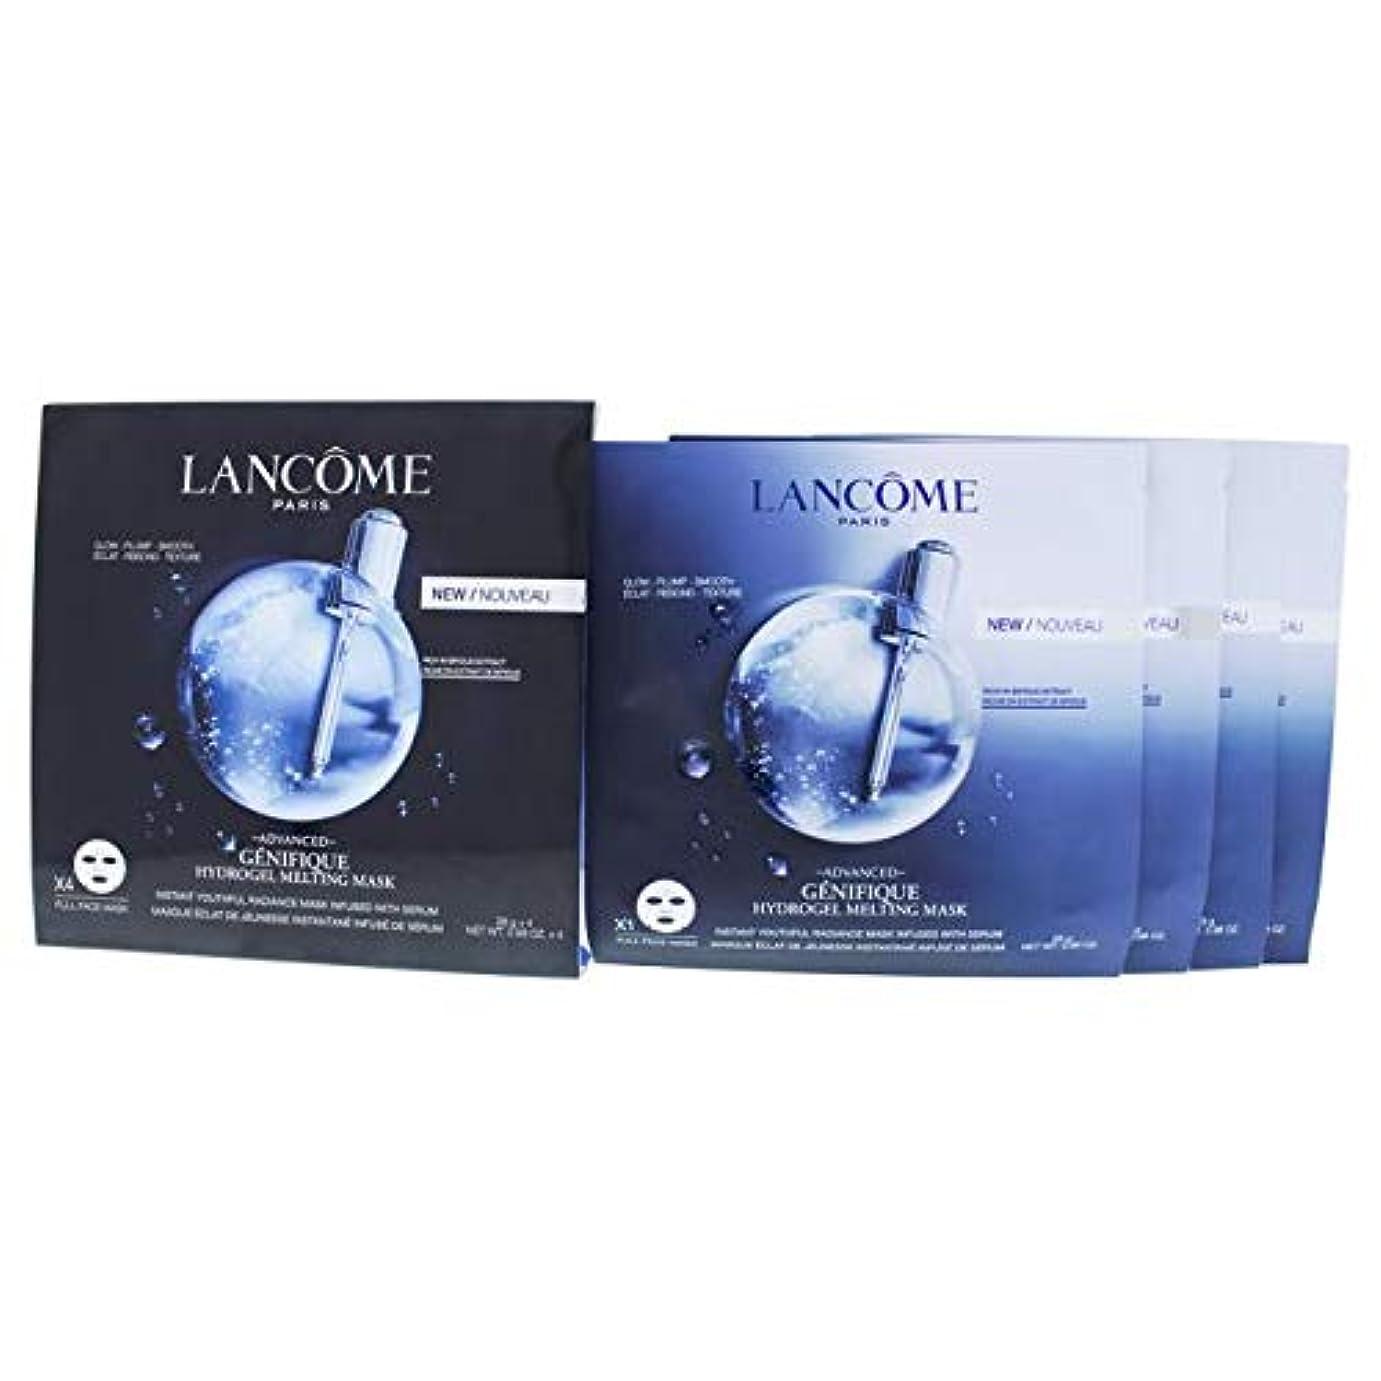 ランコム Genifique Advanced Hydrogel Melting Mask 4sheets並行輸入品